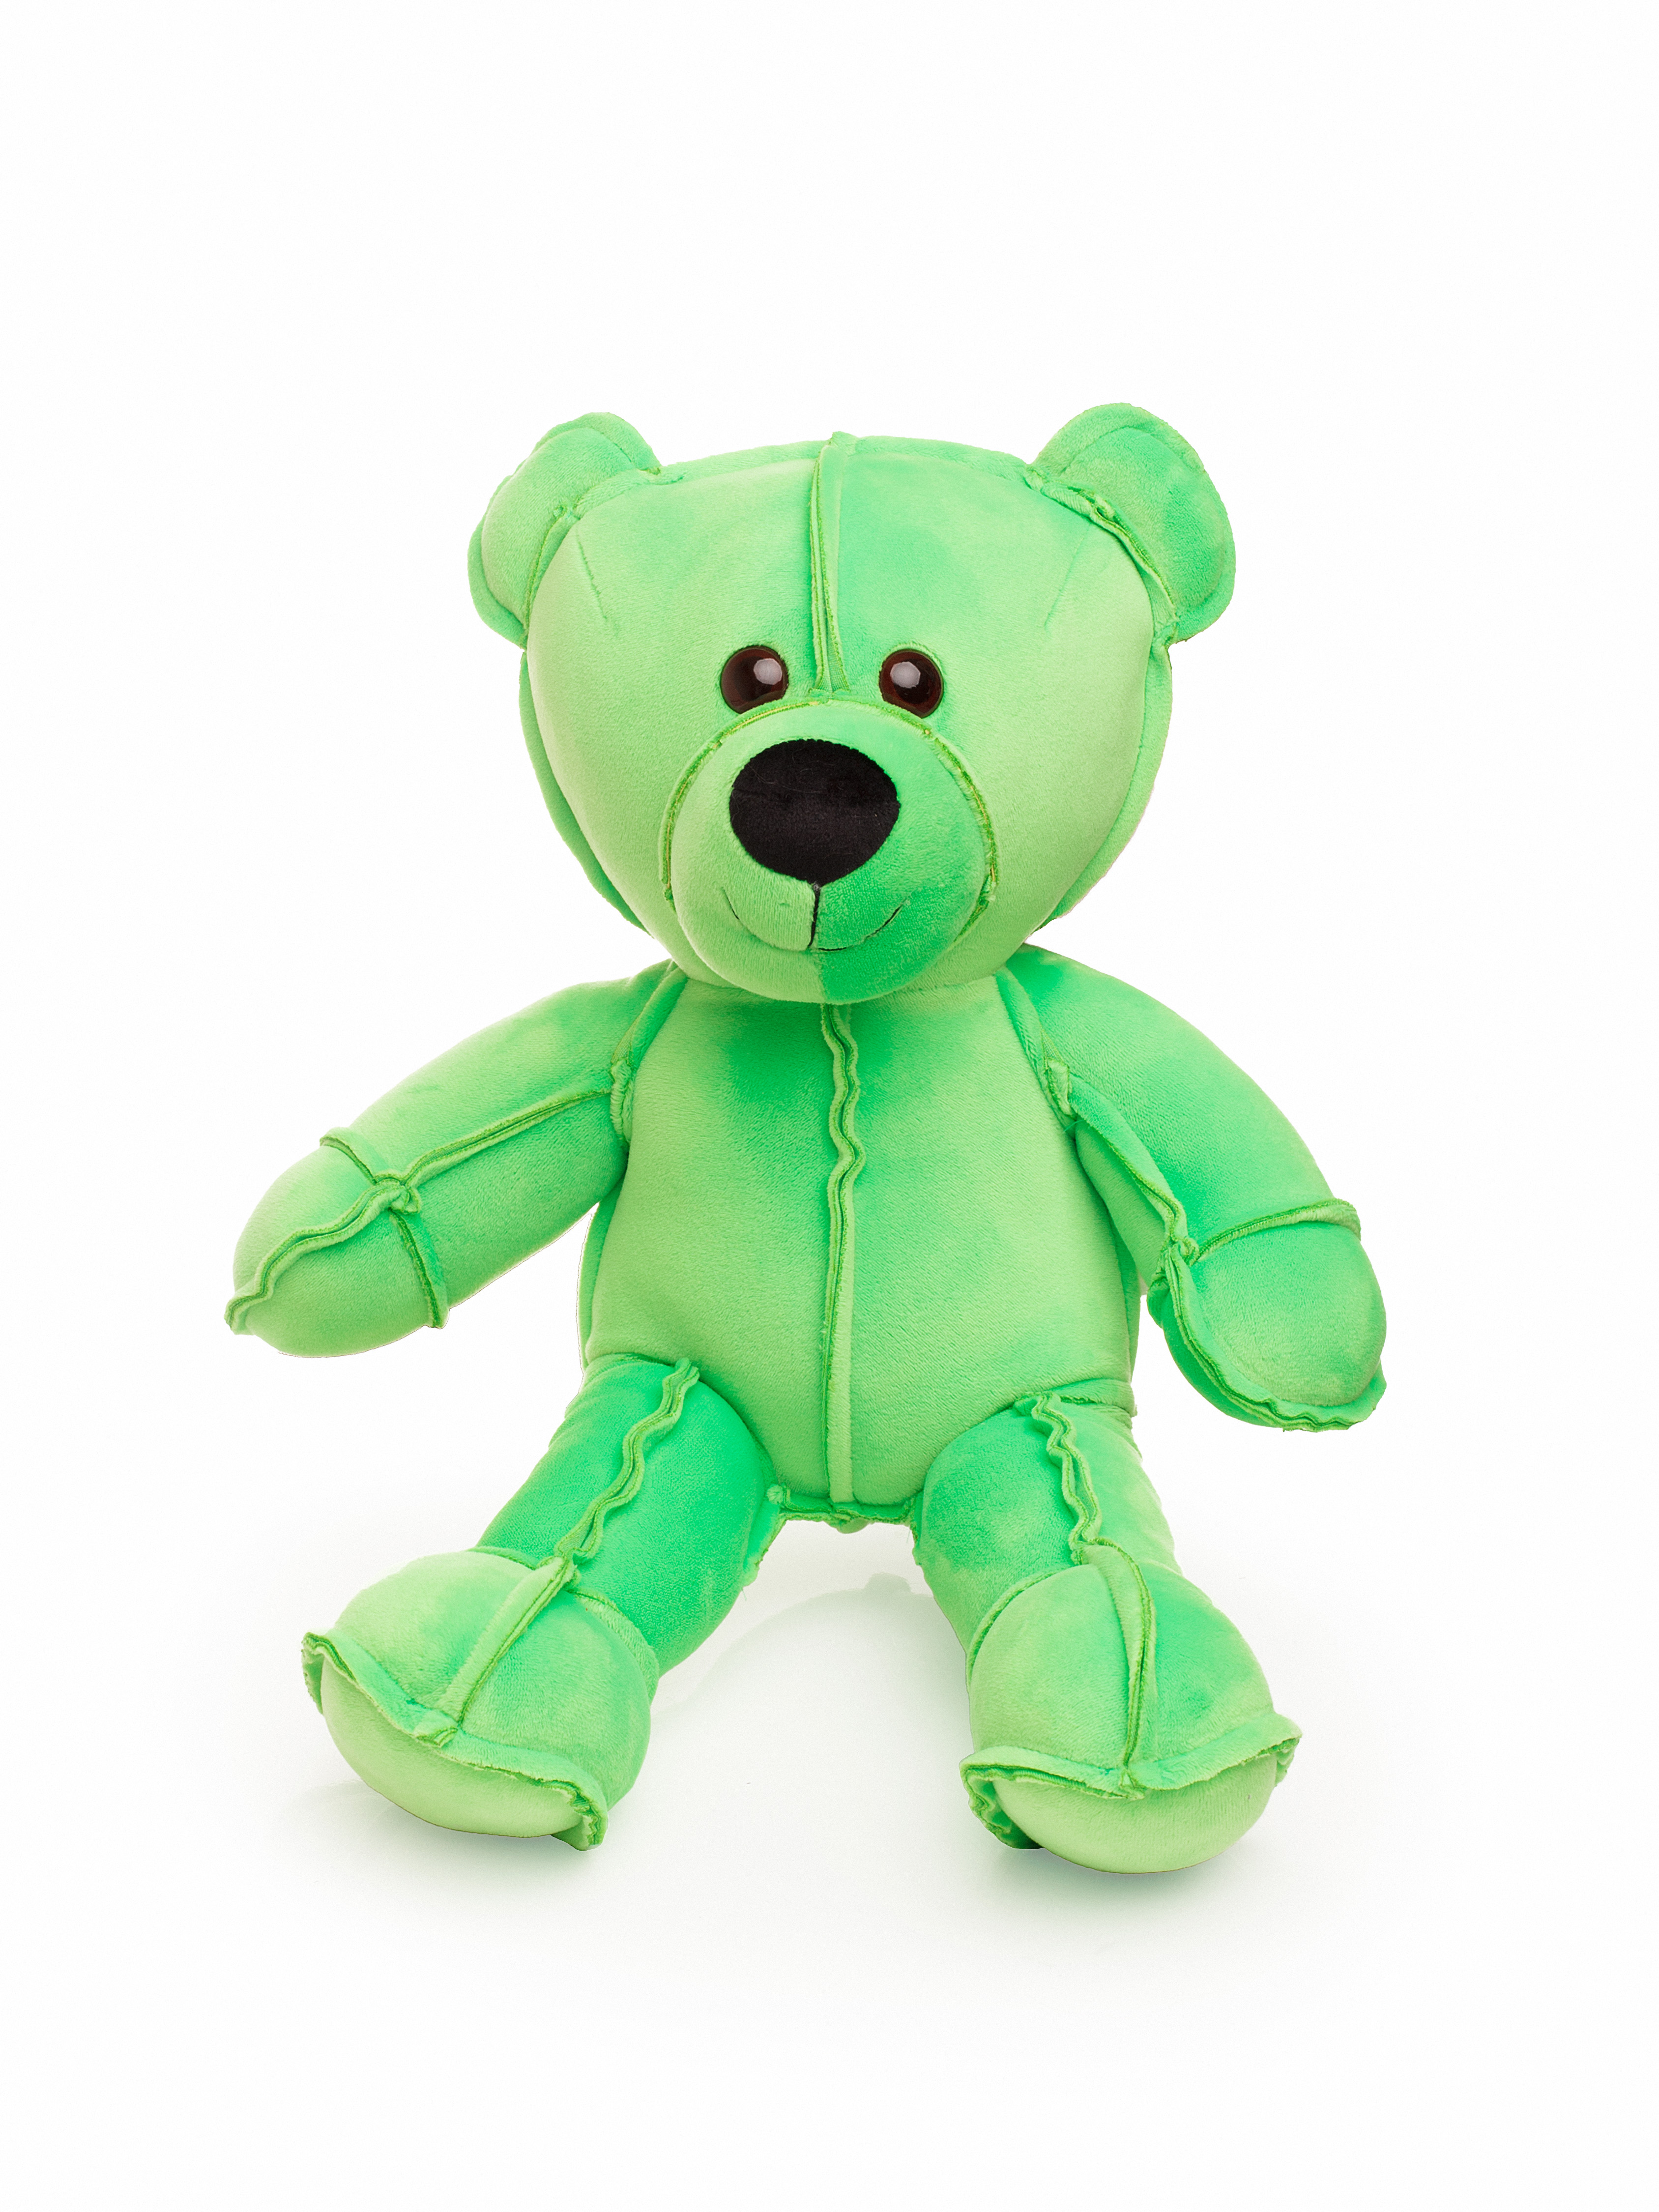 Мягкая игрушка СмолТойс Мишка Даня В45 см, 6199/СЛ/45 салатовый смолтойс мягкая игрушка собачка 45 см 1889 мл 45